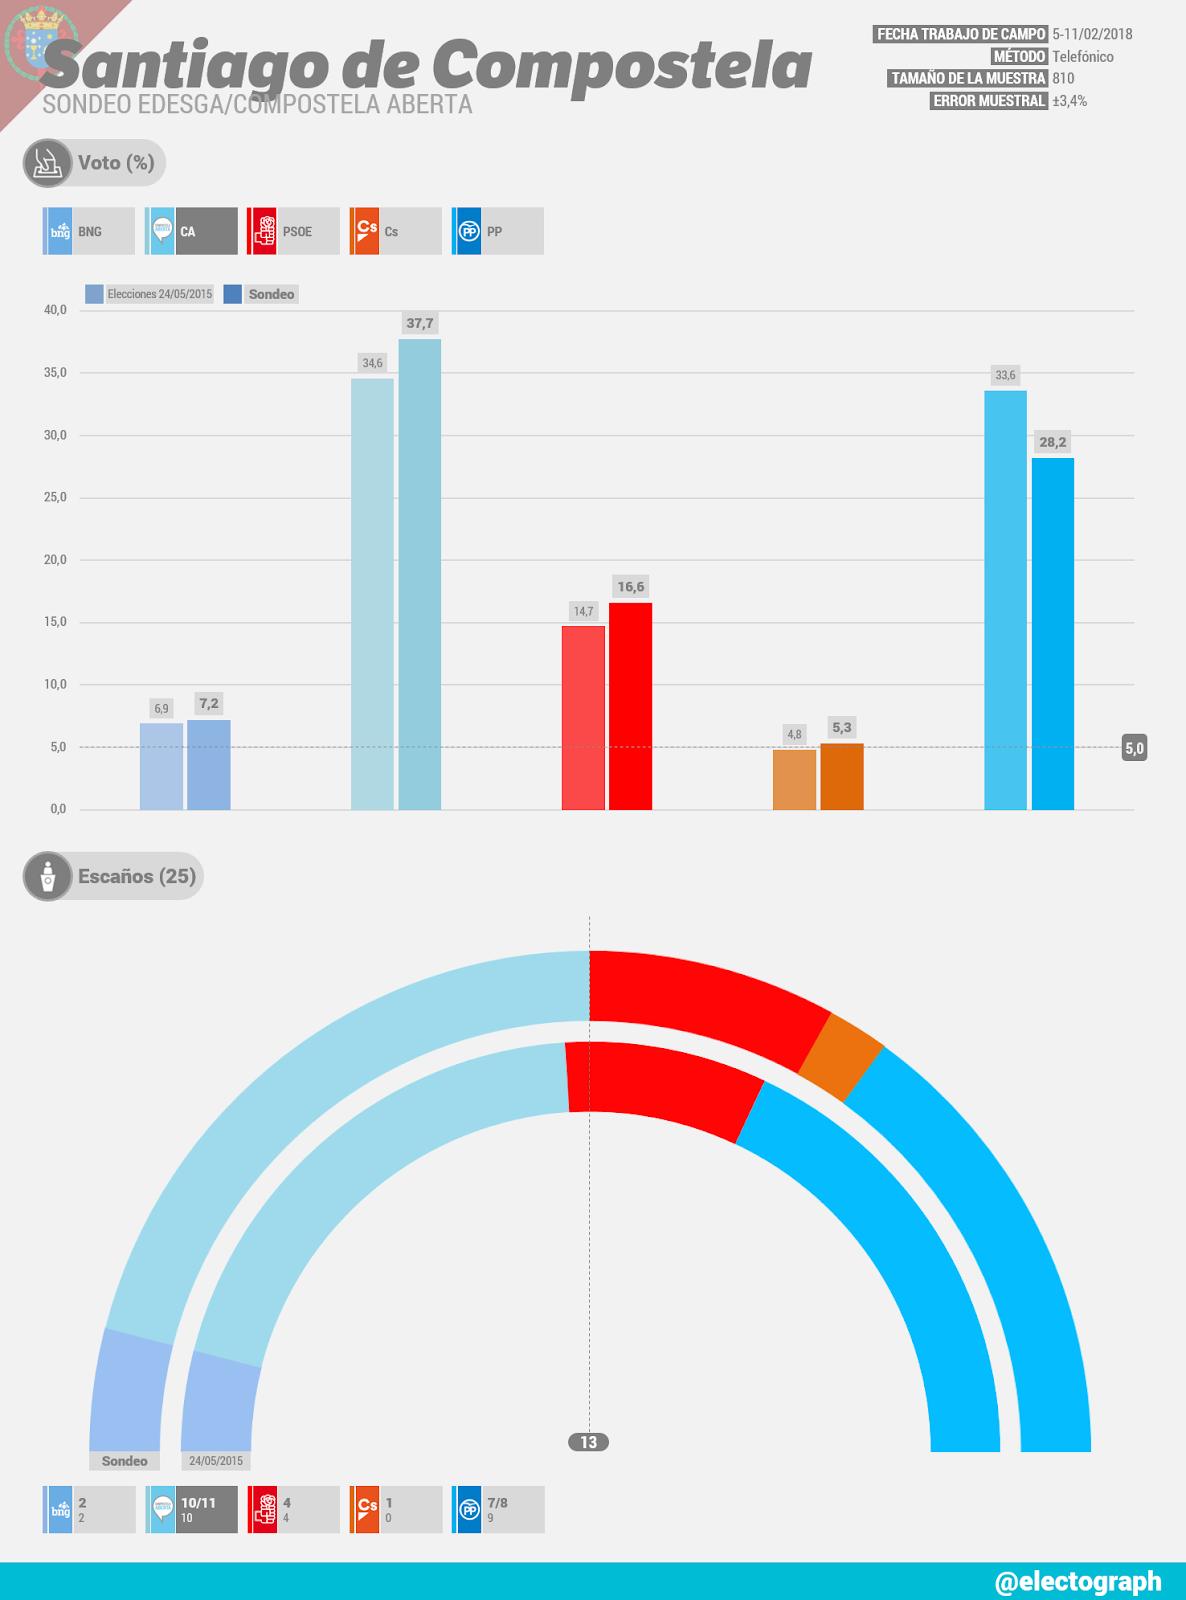 Gráfico de la encuesta para elecciones municipales en Santiago de Compostela realizada por Edesga para Compostela Aberta en febrero de 2018